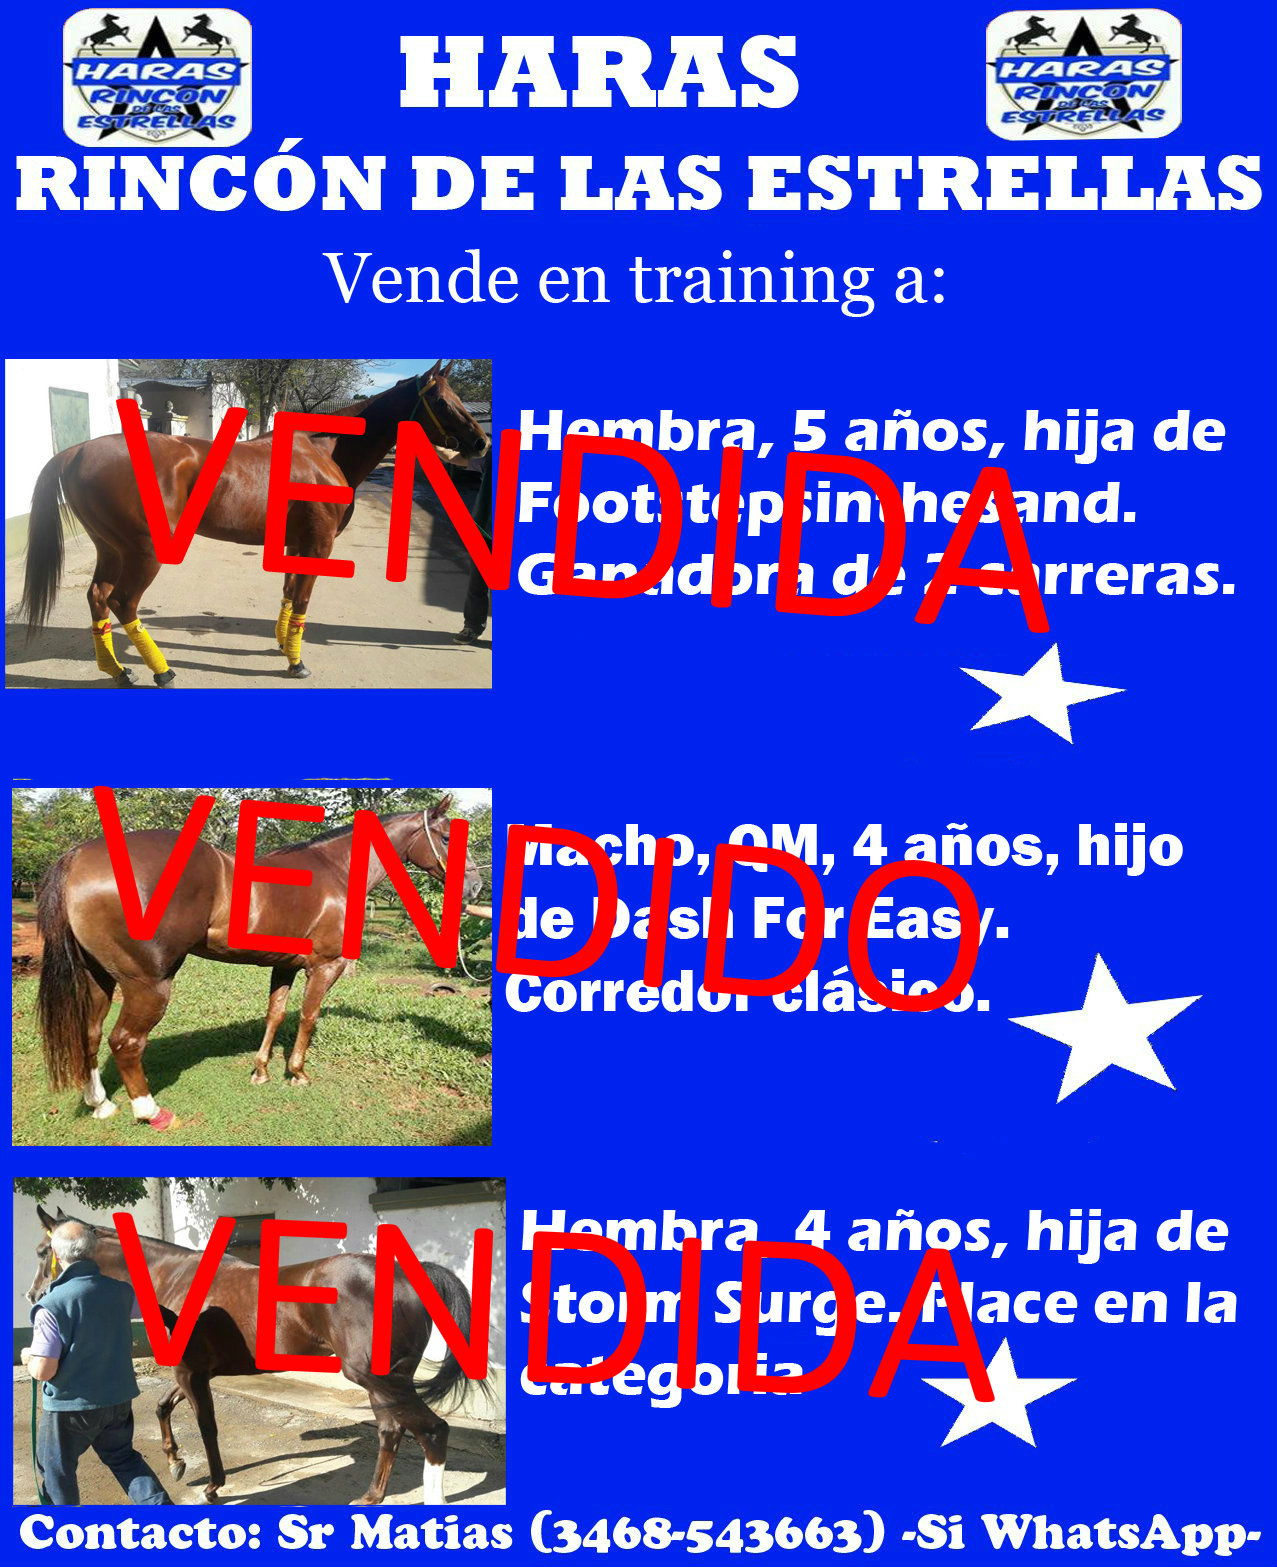 HS RINCON DE LAS ESTRELLAS 2